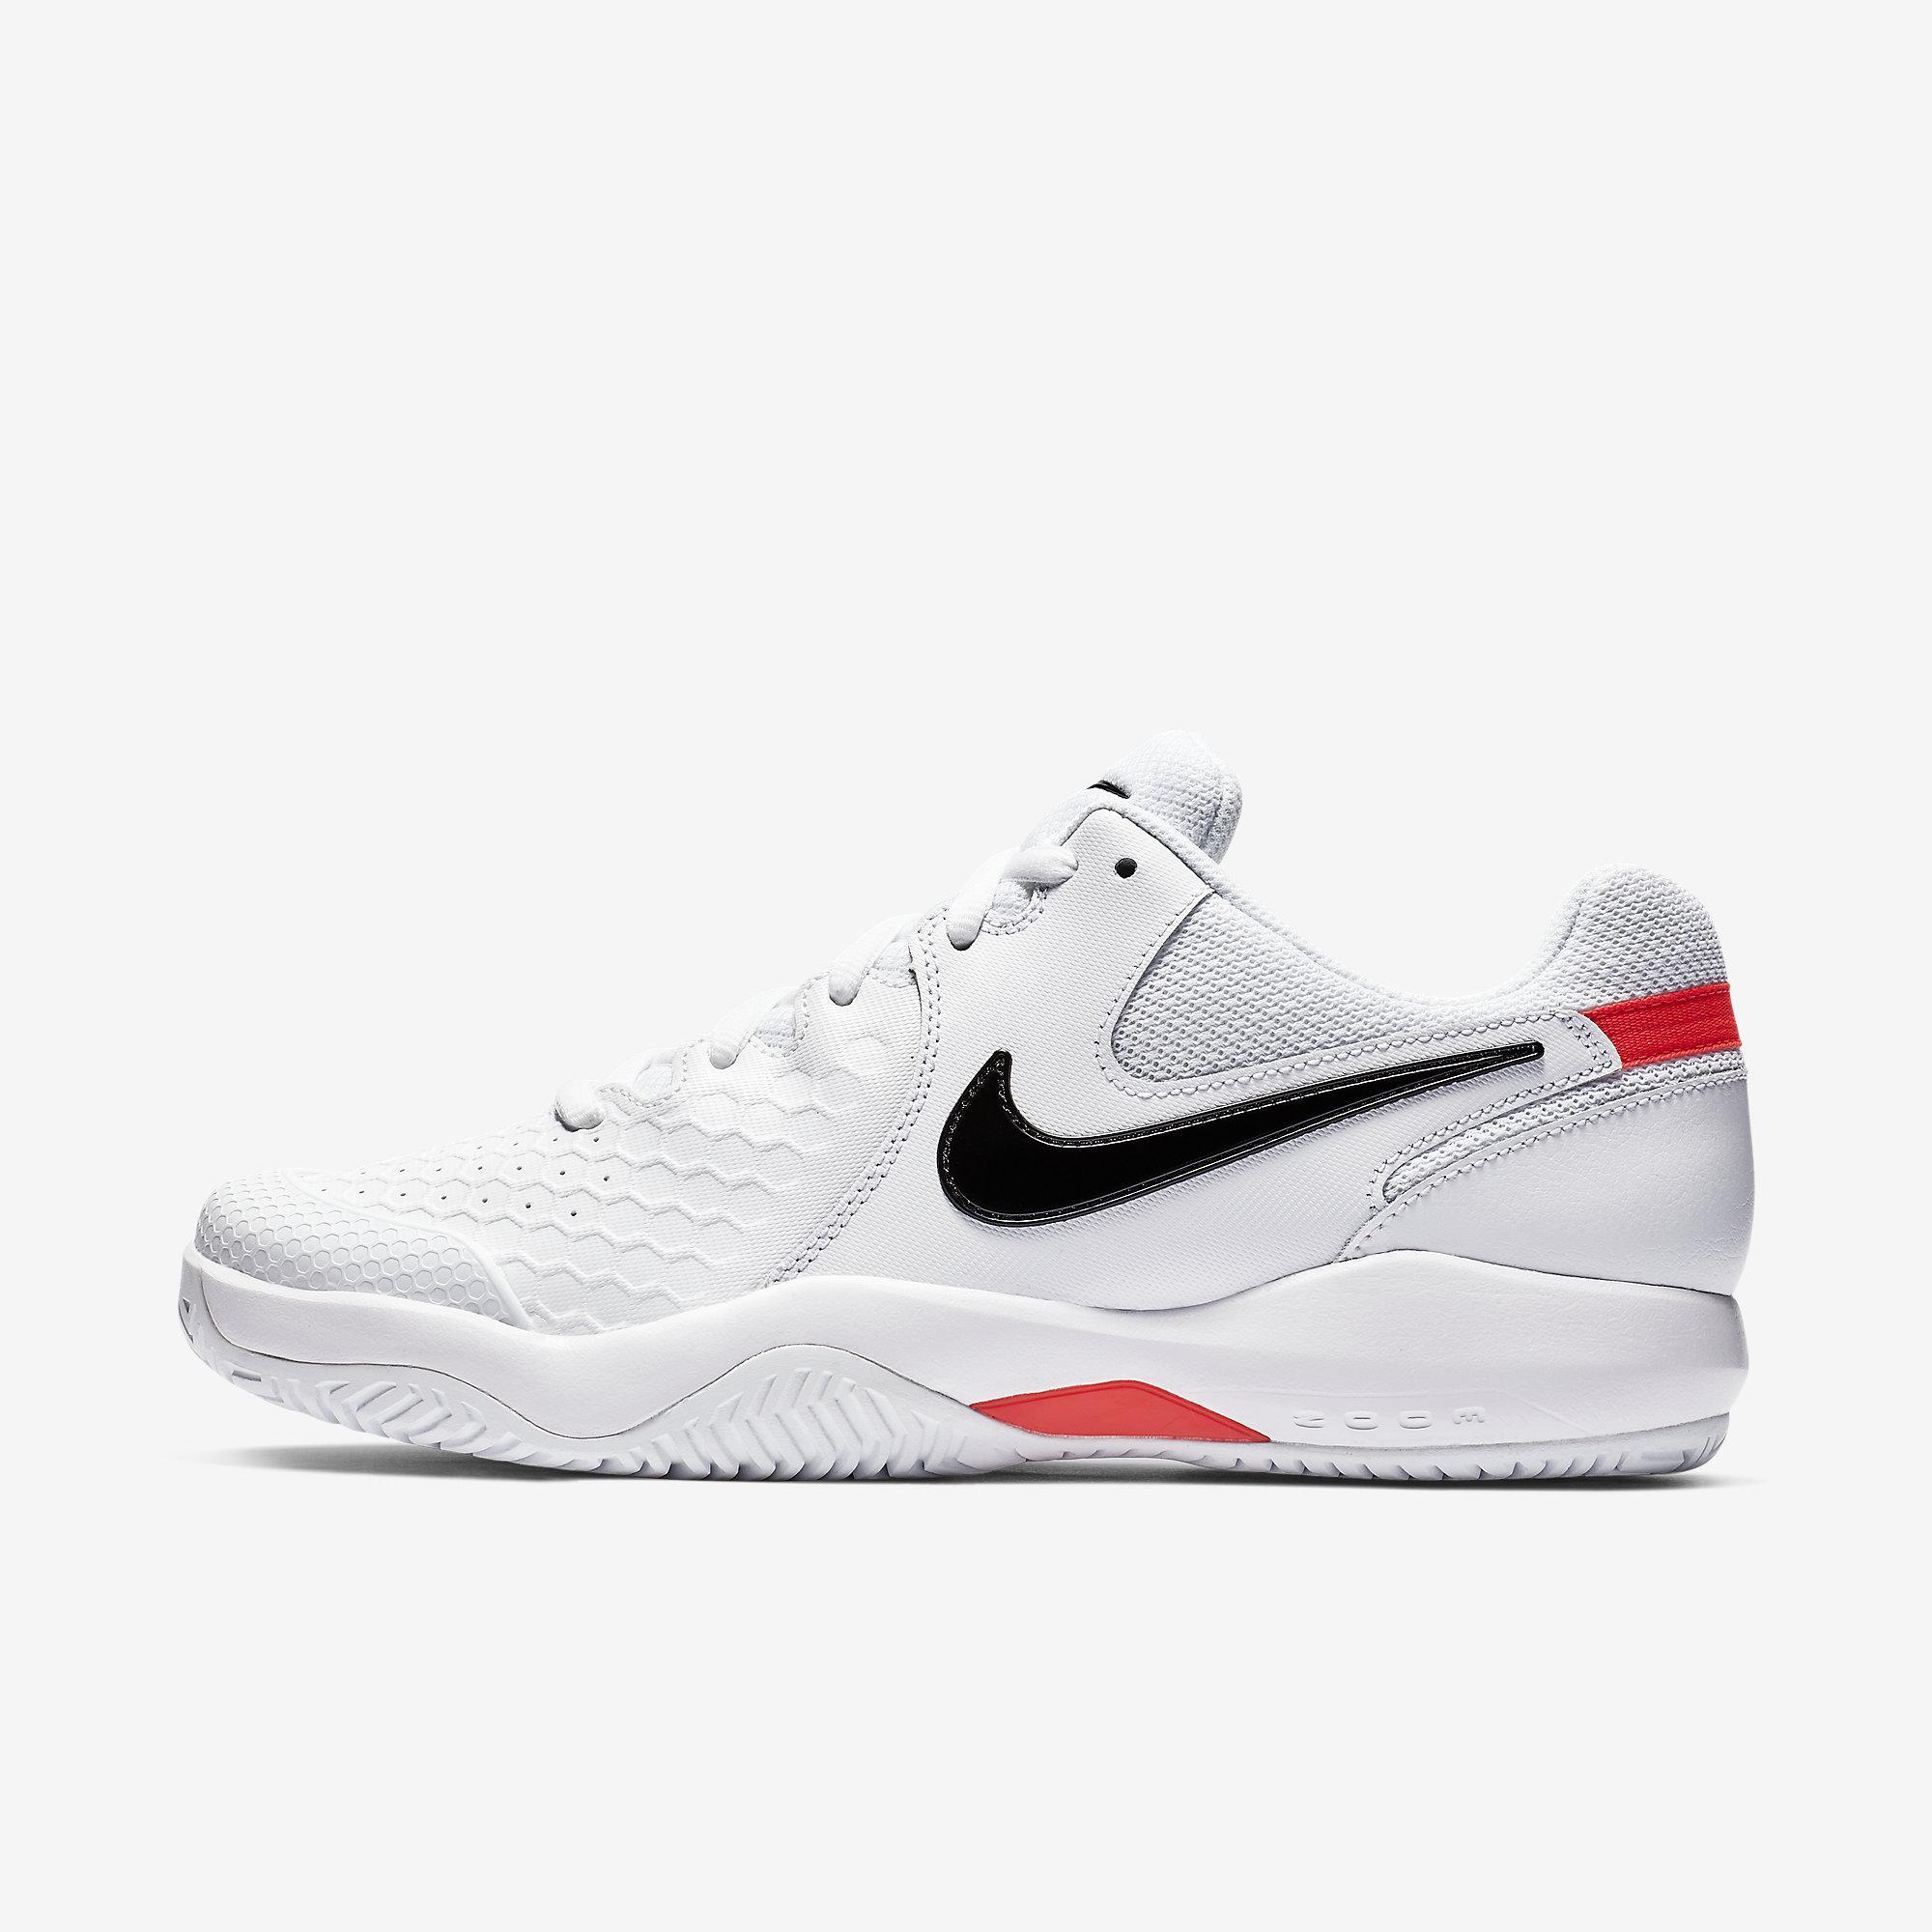 Nike Mens Air Zoom Resistance Tennis